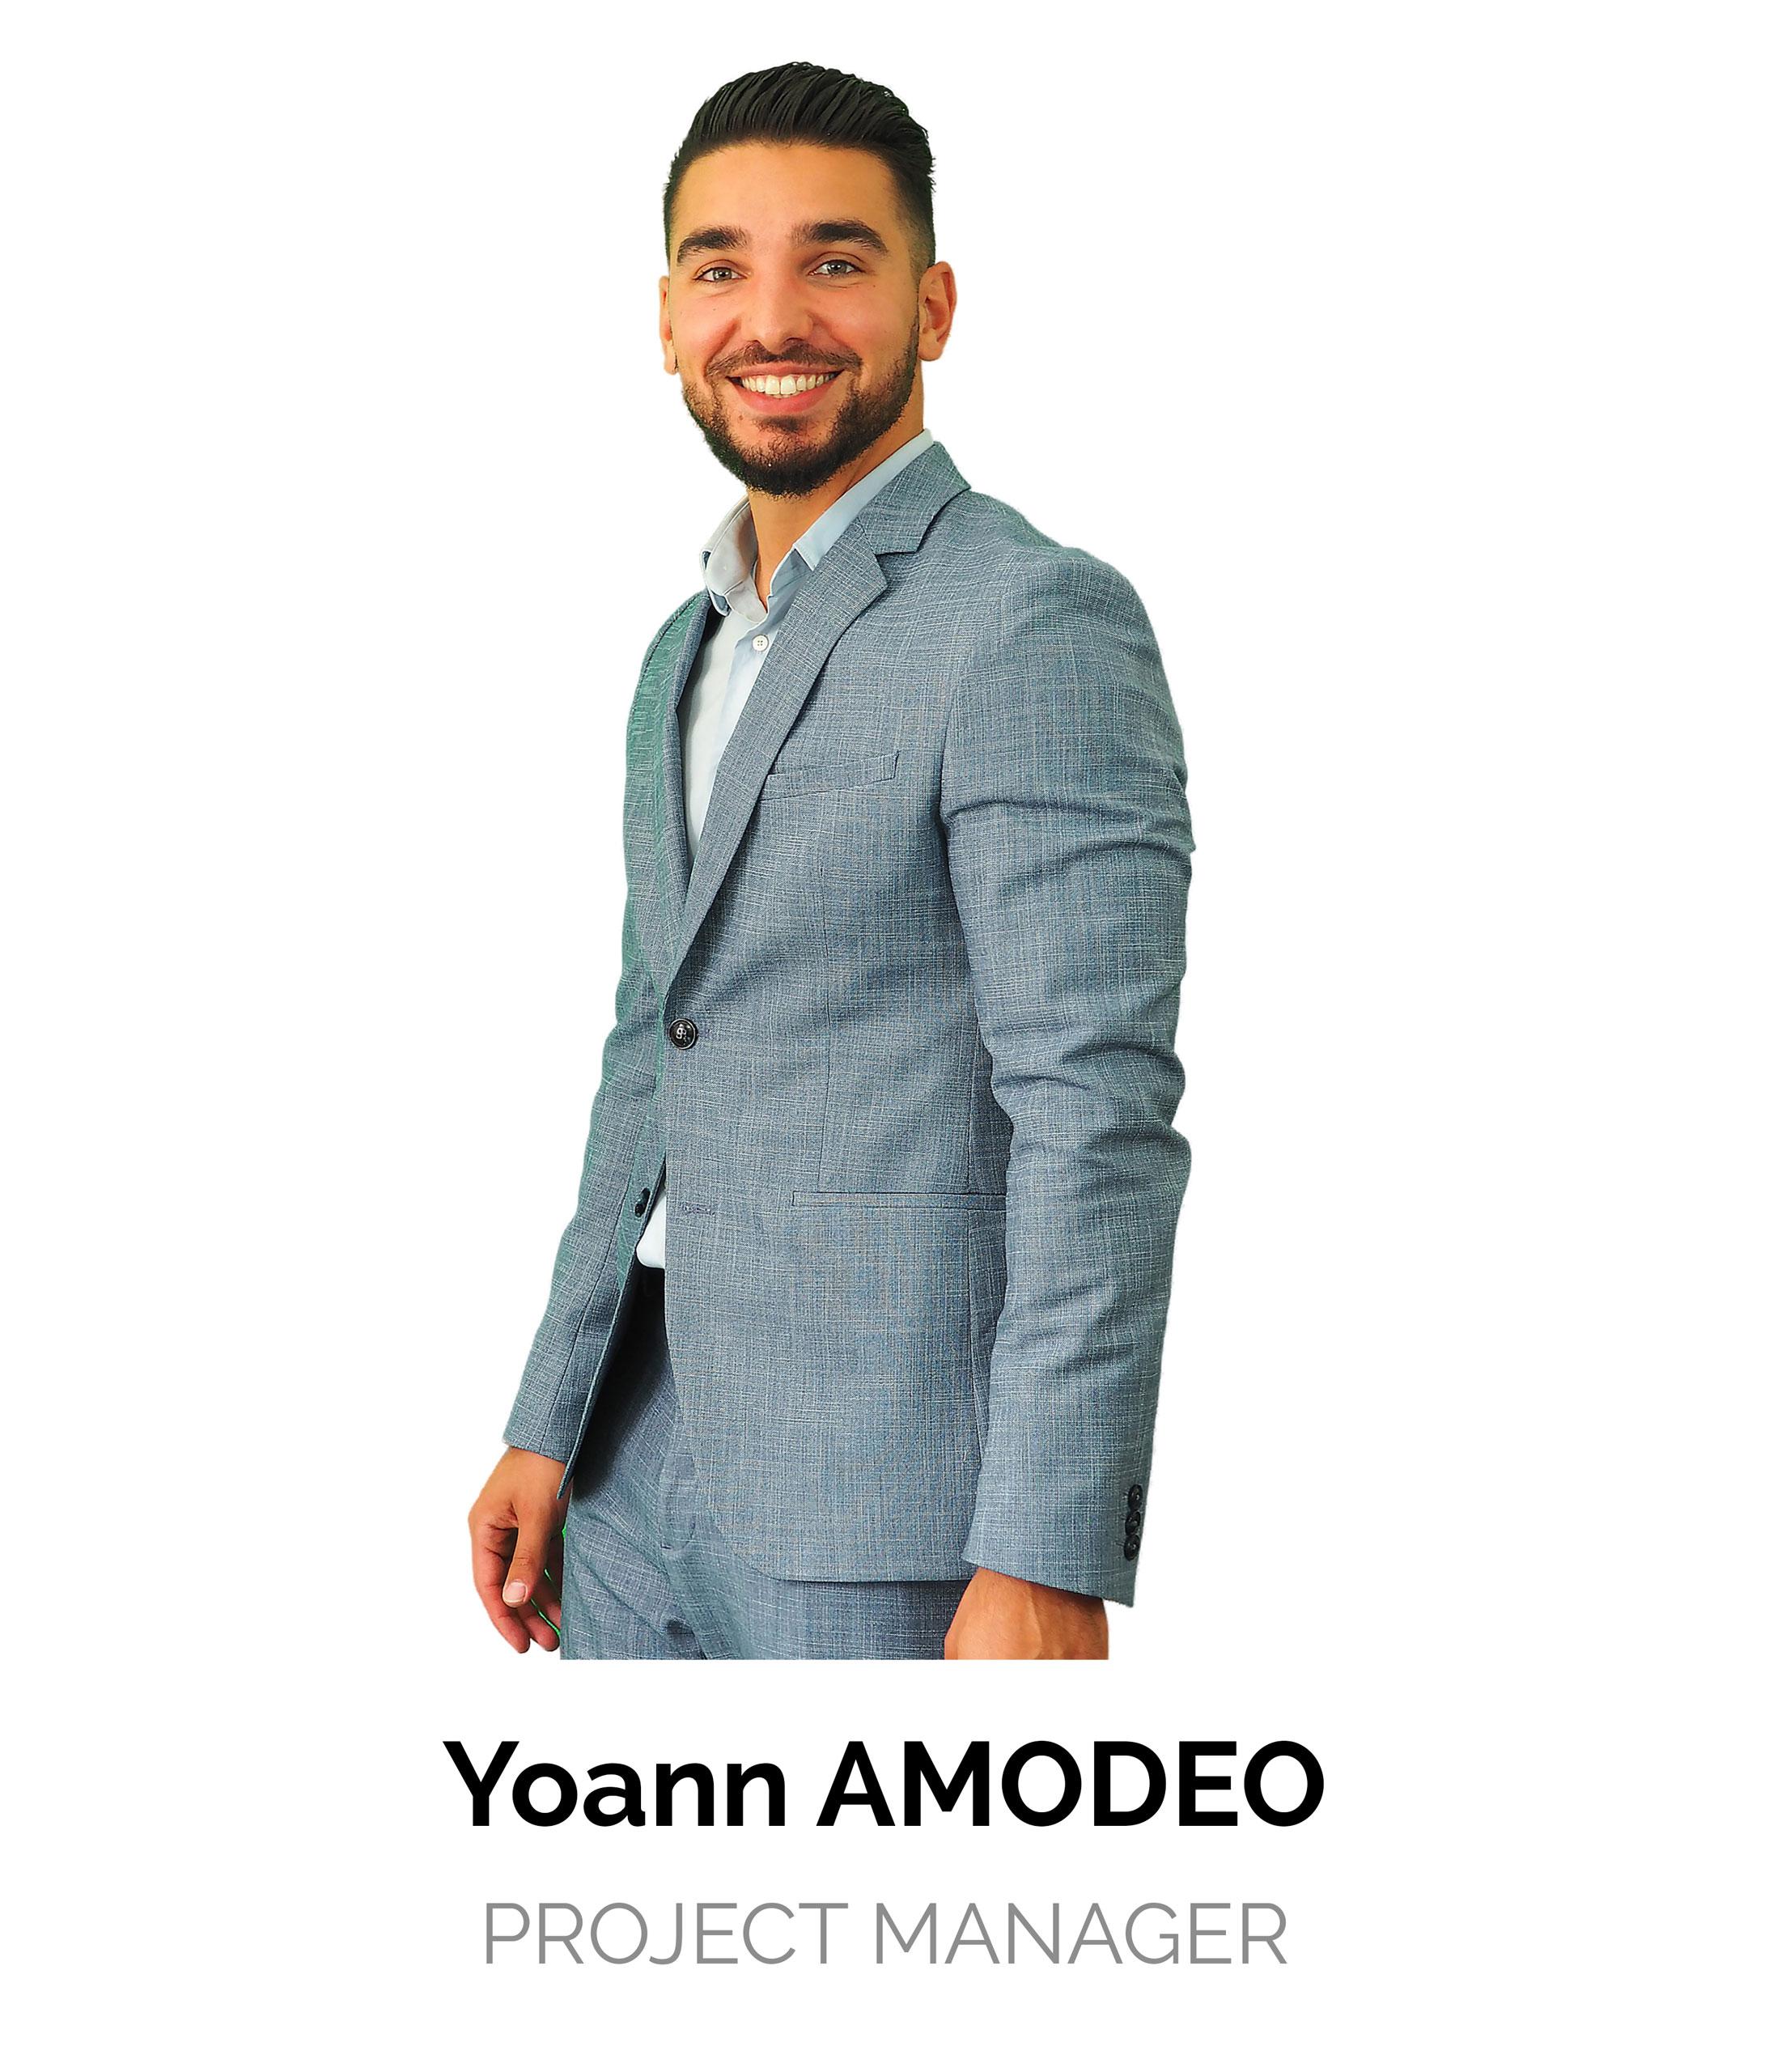 Yoann-Amodeo